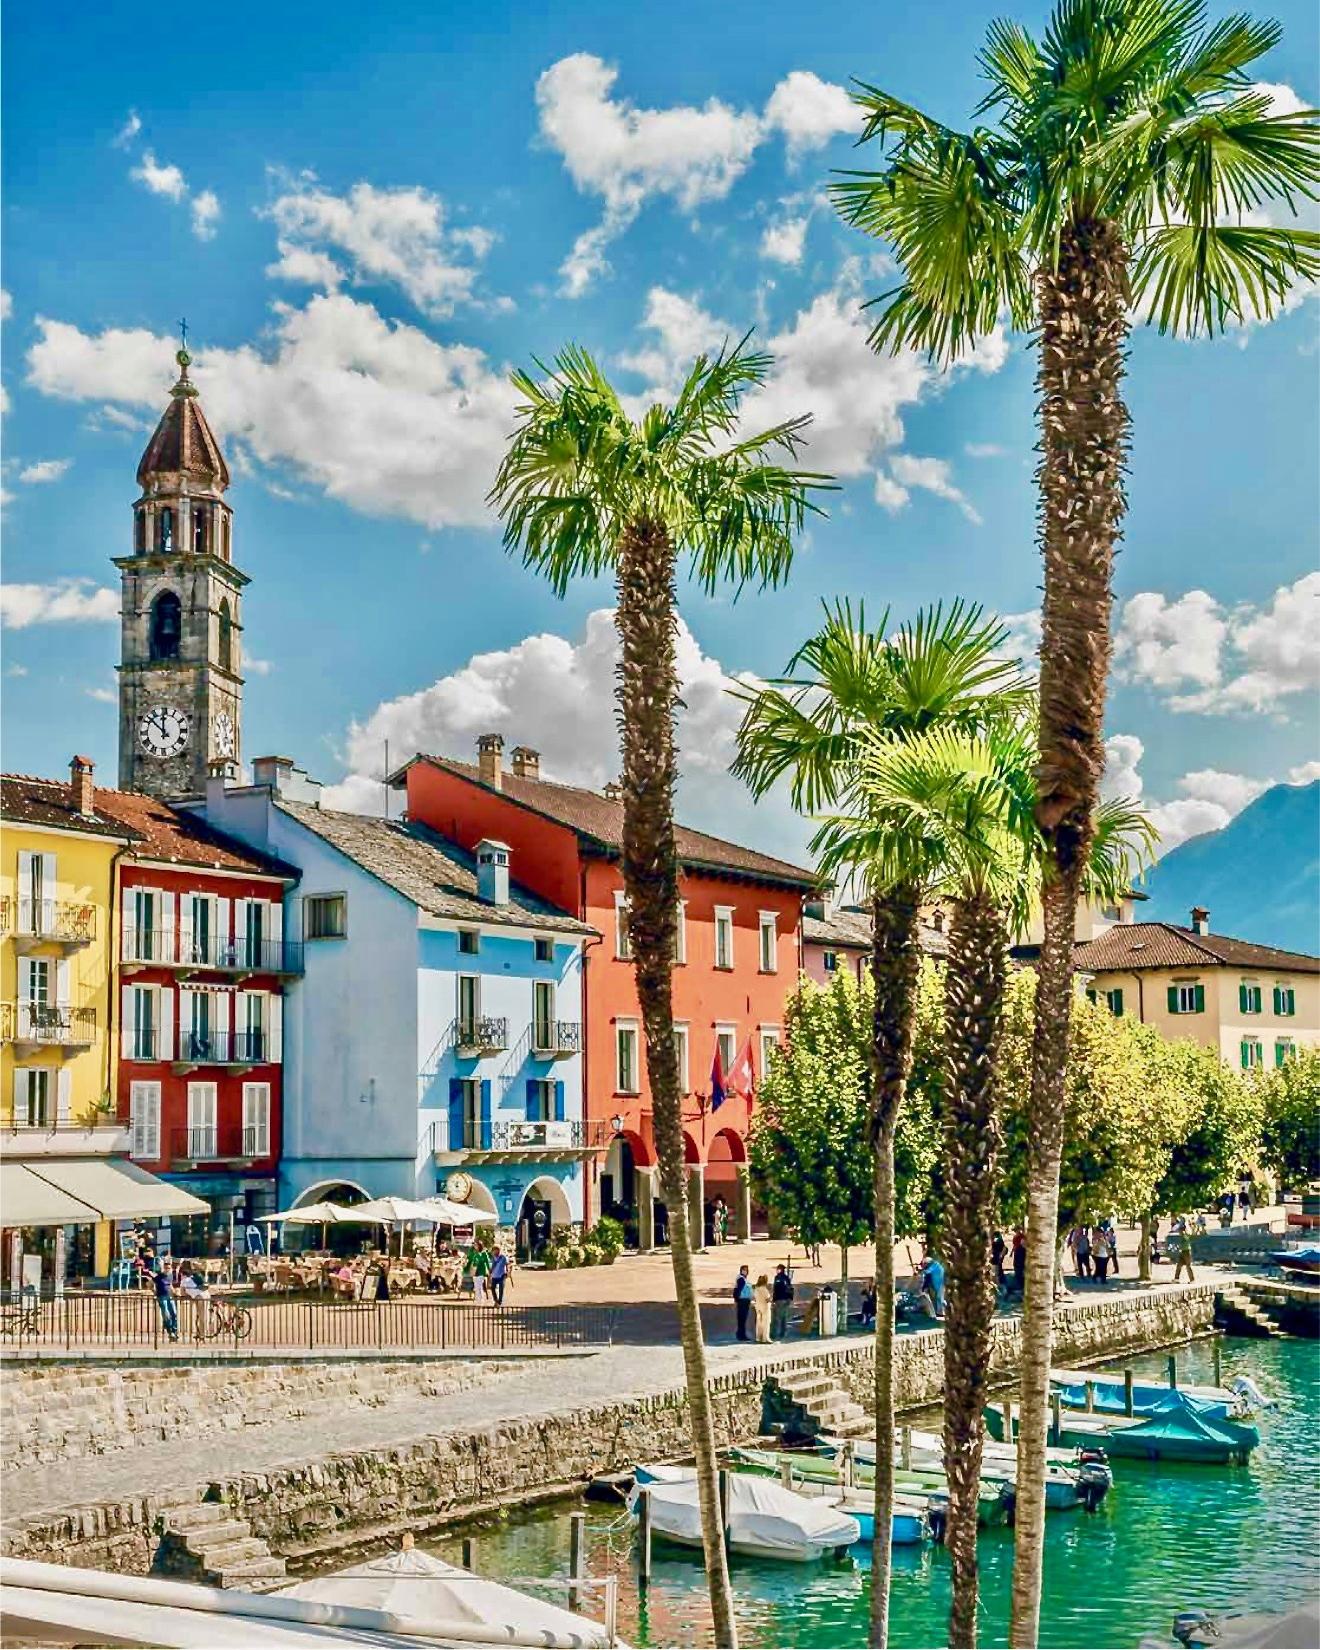 Lakeshore in Ascona, Ticino, Switzerland